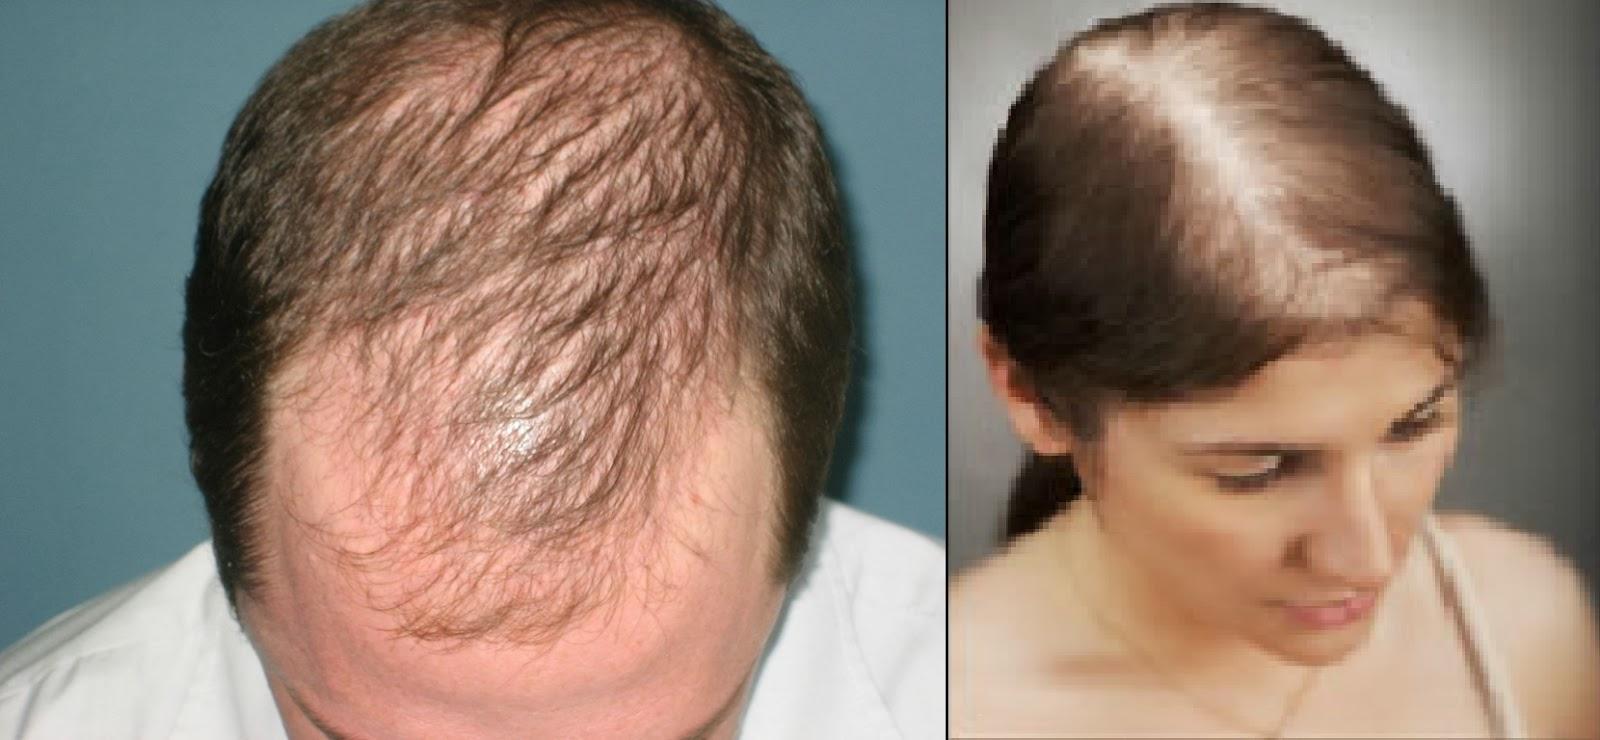 Saç Dökülmesi, Saç Dökülmesine çözüm, Saç Dökülmesine Ne İyi Gelir Ve Saç Dökülmesinin Nedenleri Nelerdir